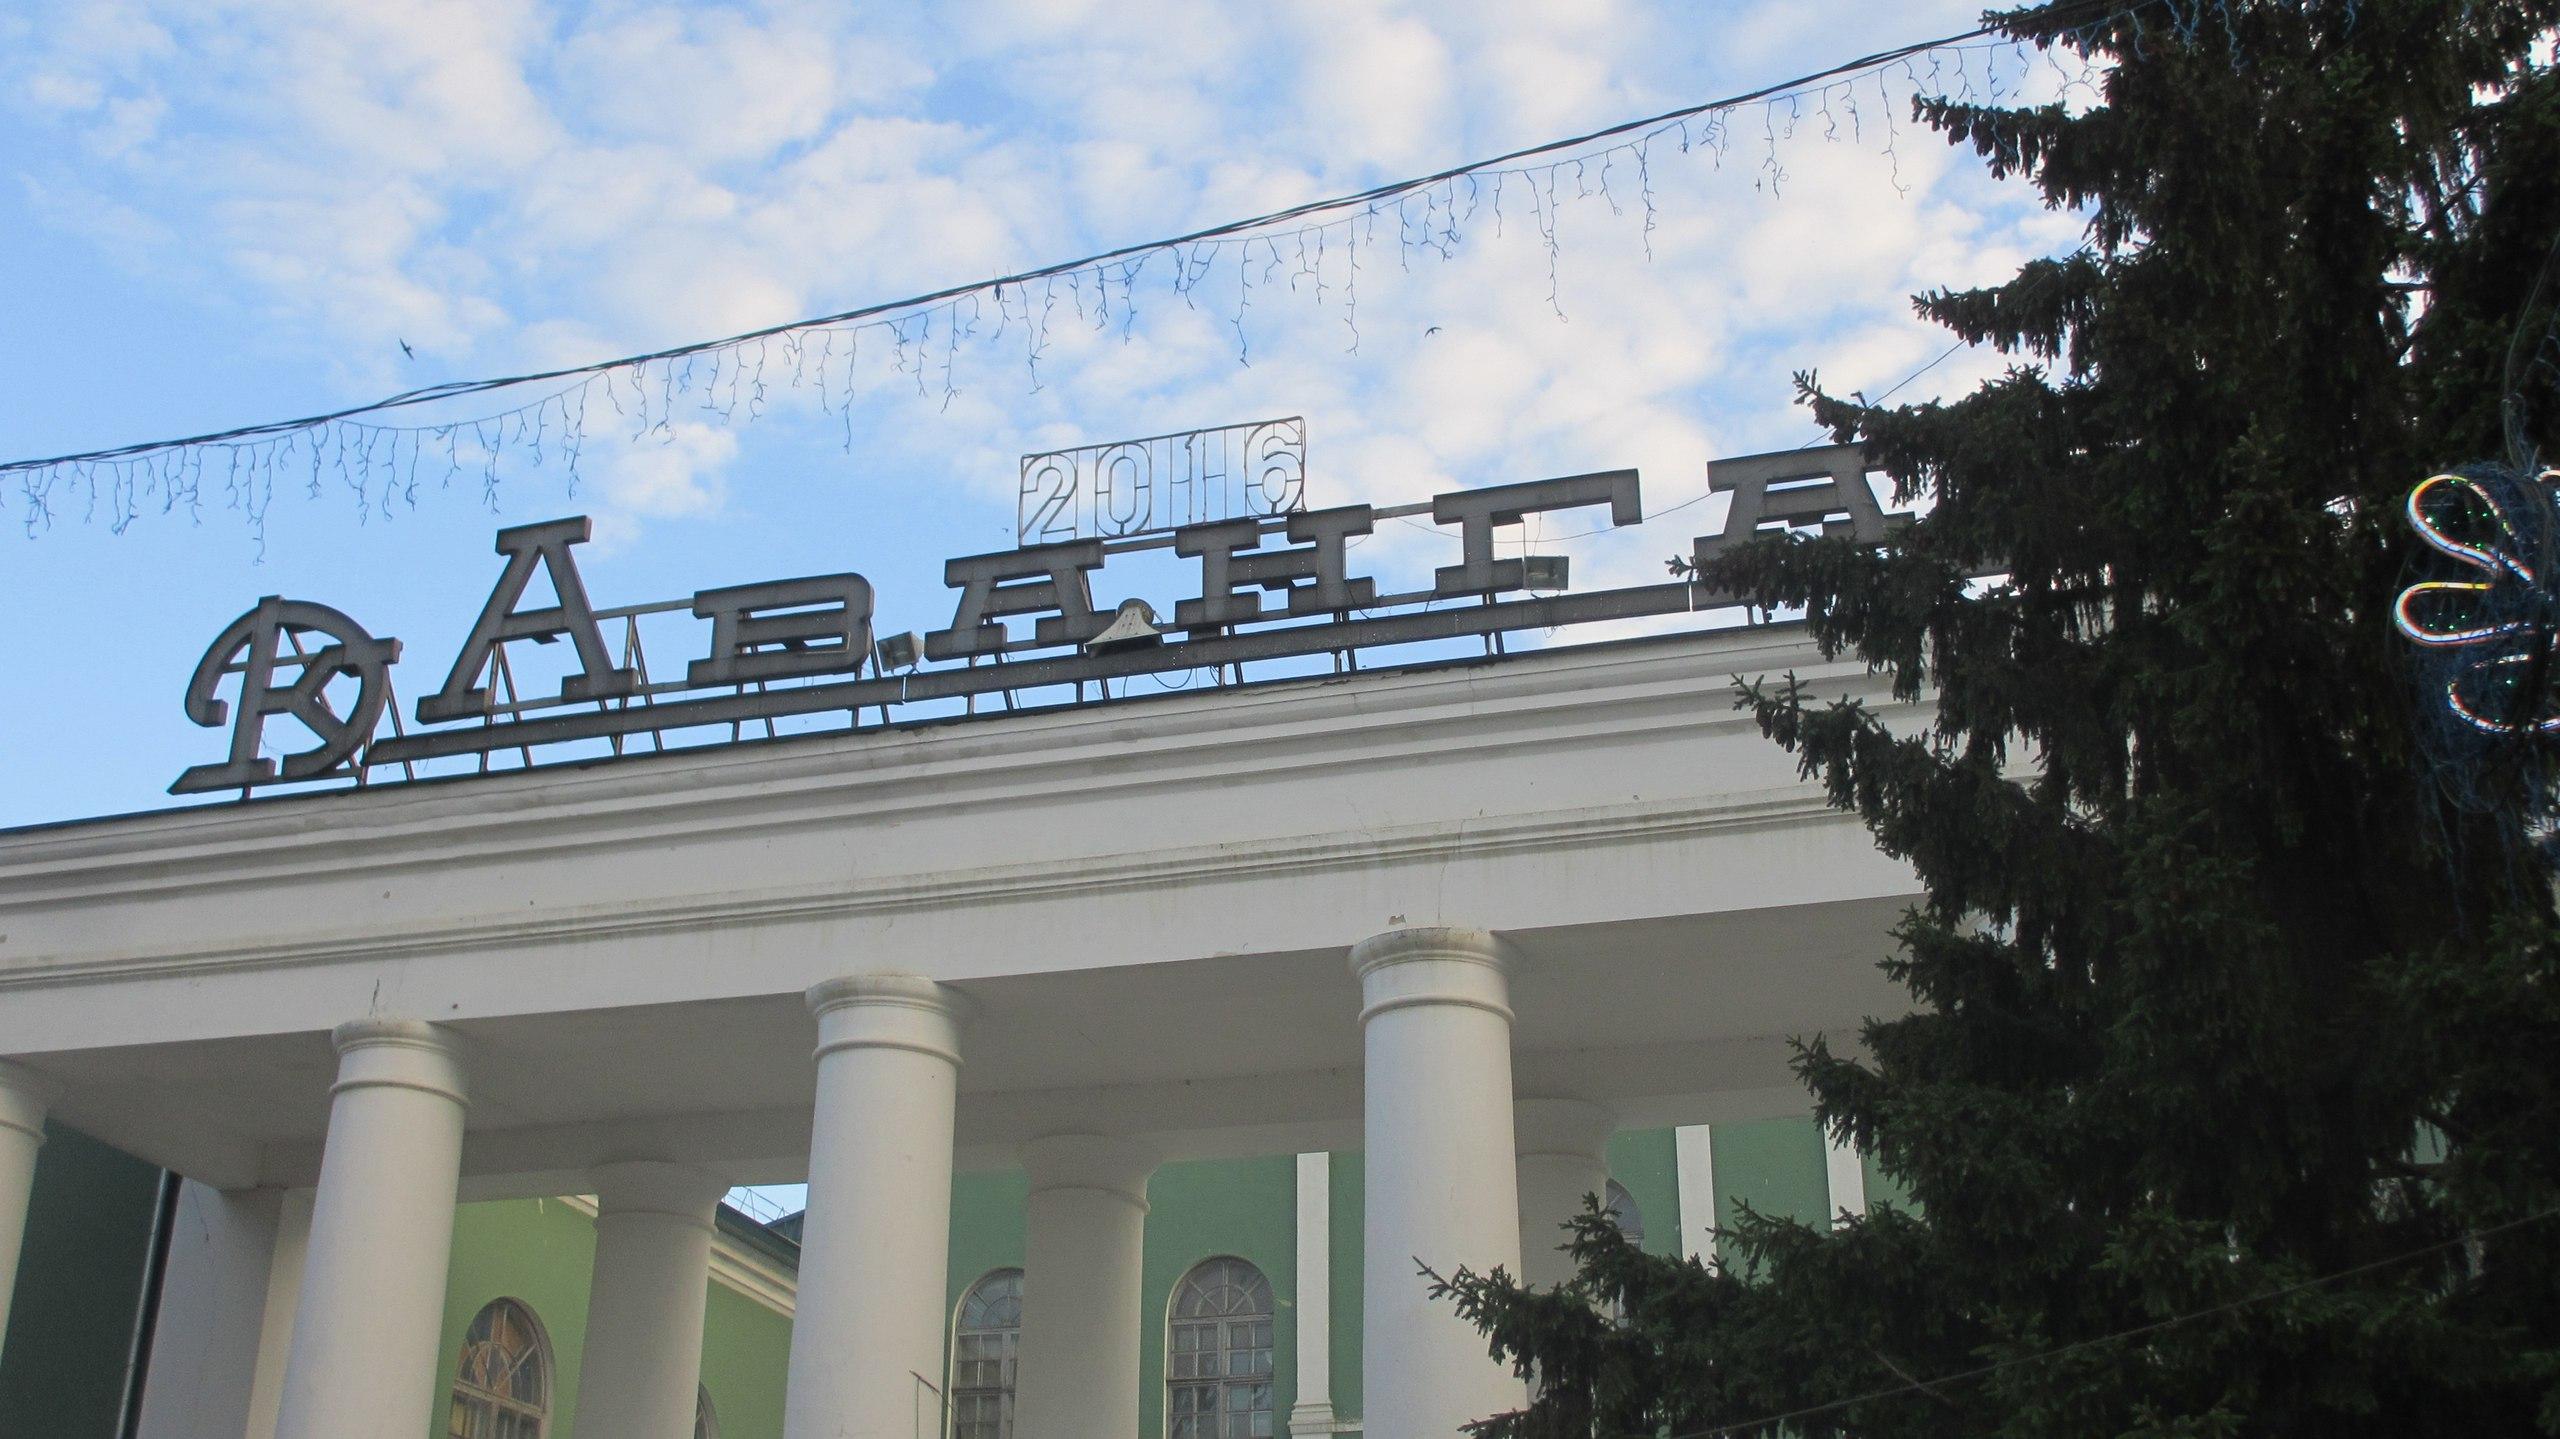 День молодёжи в Сызрани у Авангарда